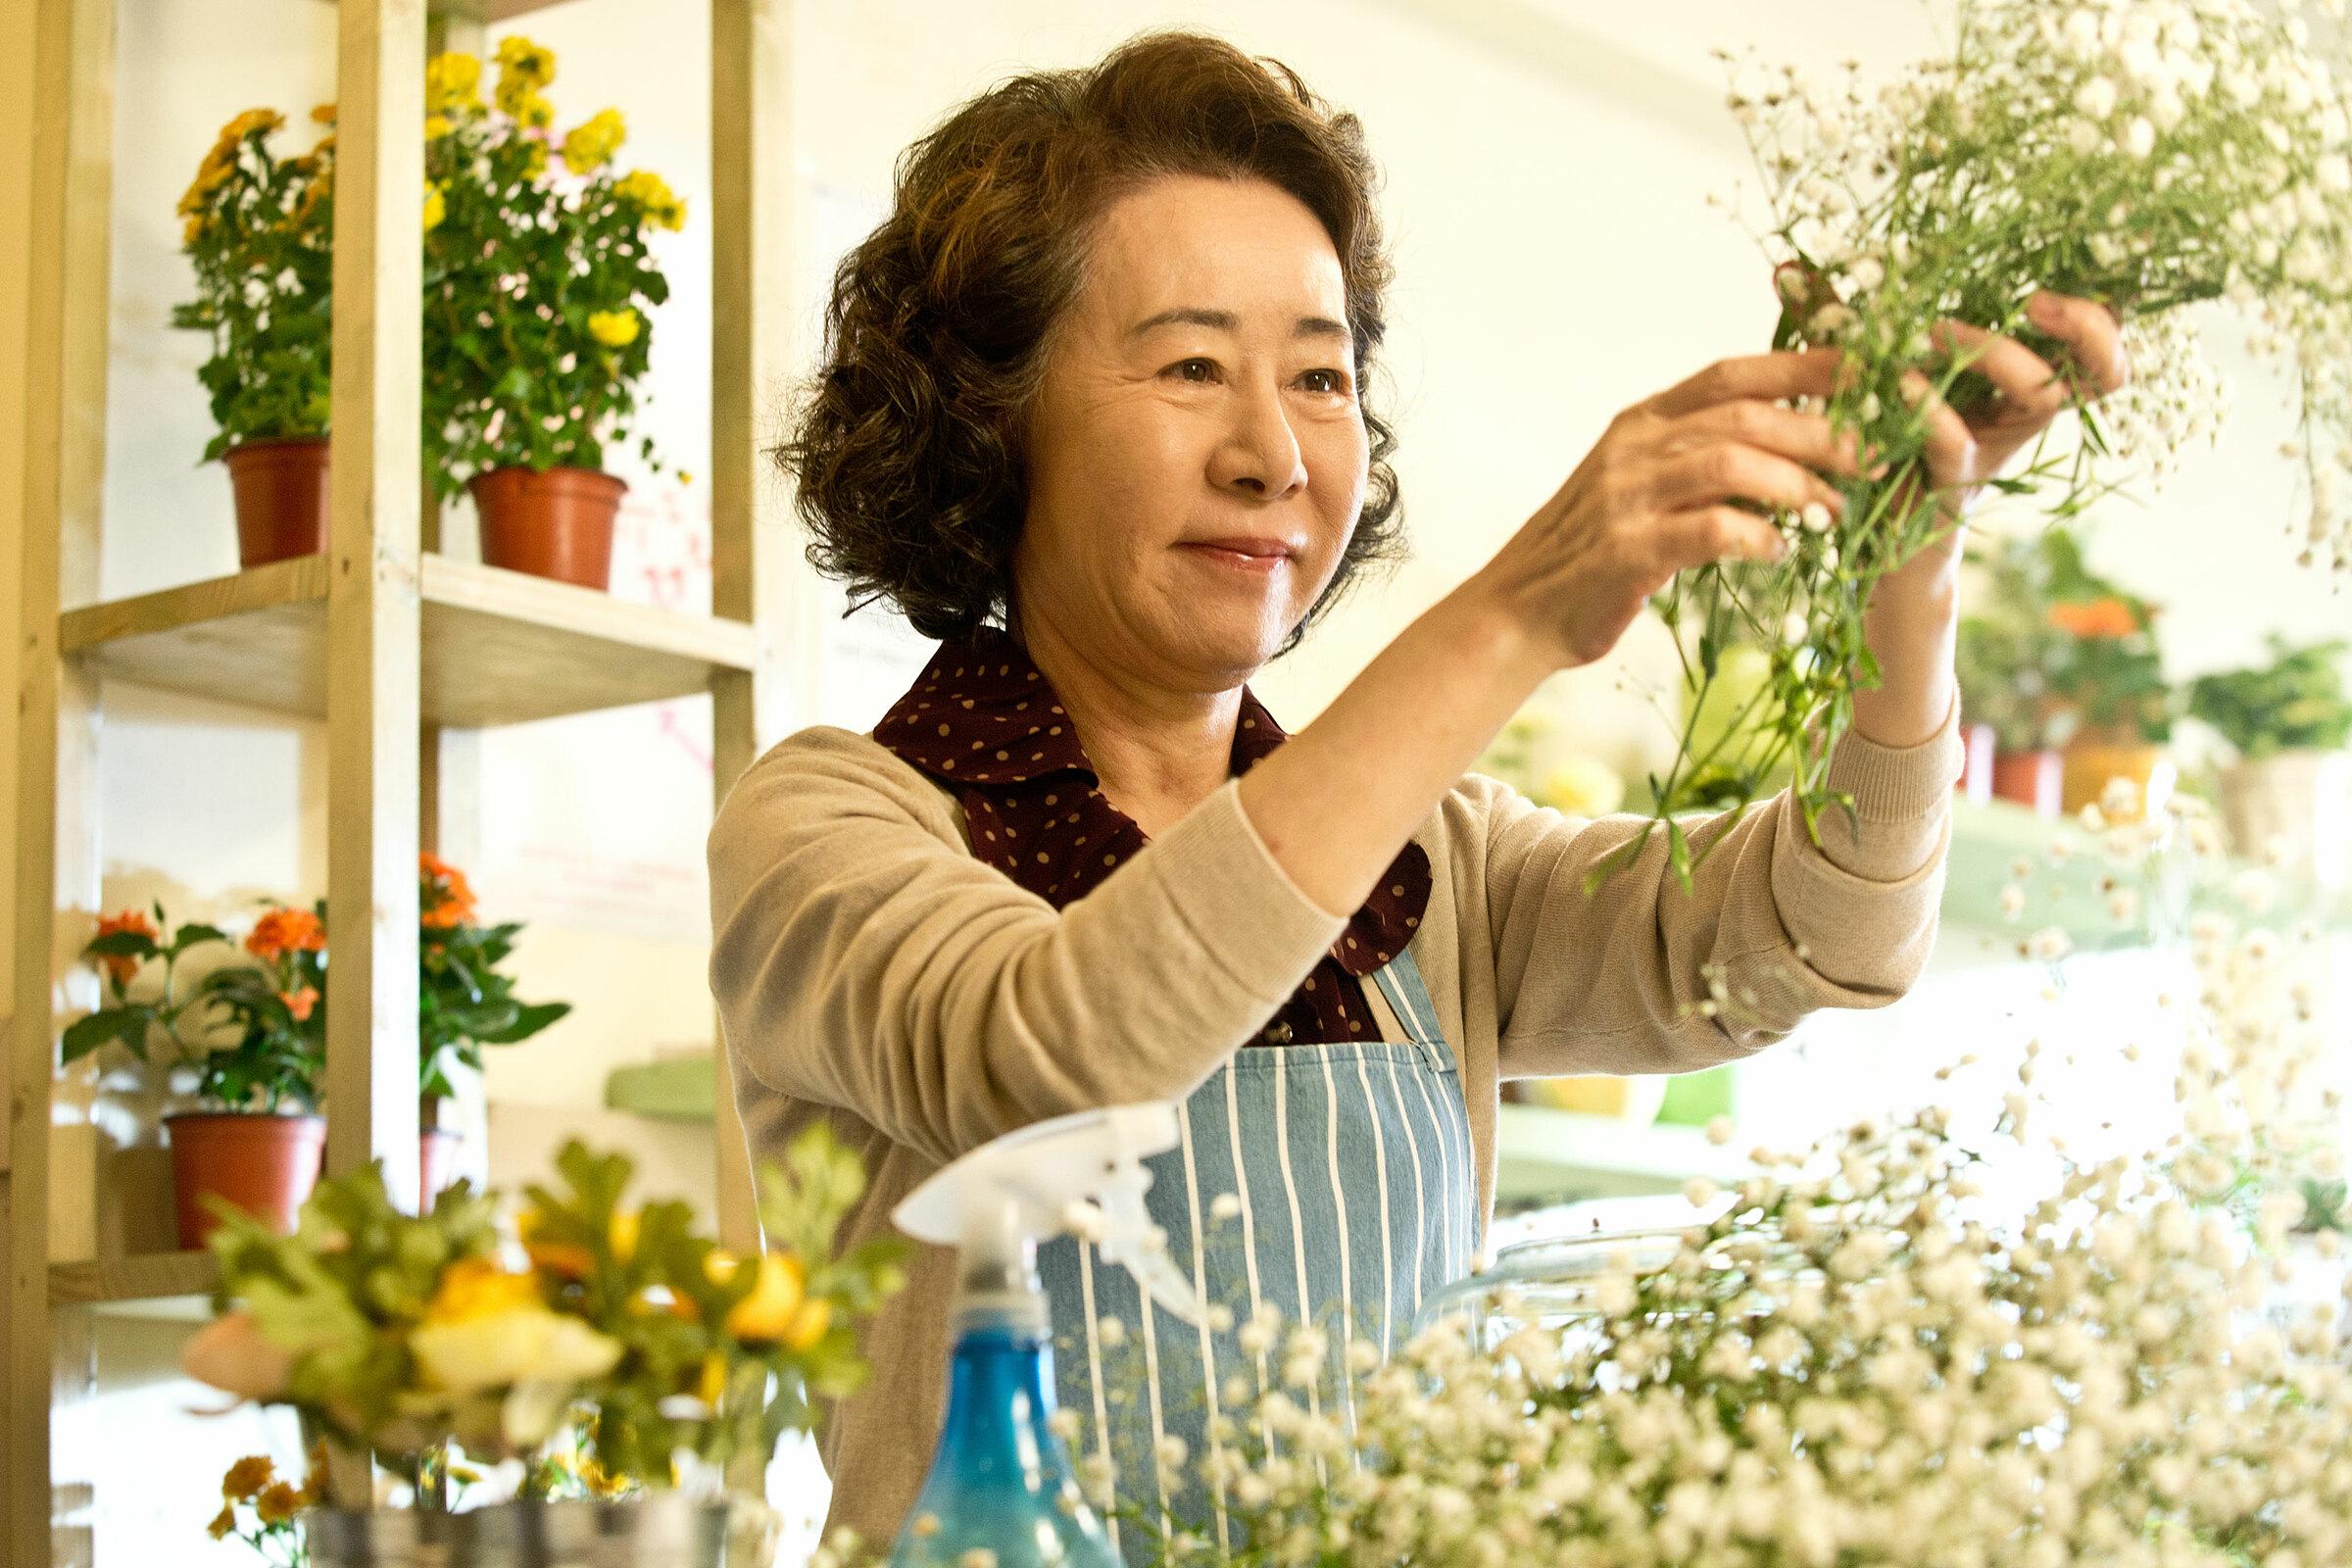 Từ sau ly hôn năm 1987, bà Youn không yêu đương hay kết hôn mà dành mọi thời gian cho nghệ thuật.